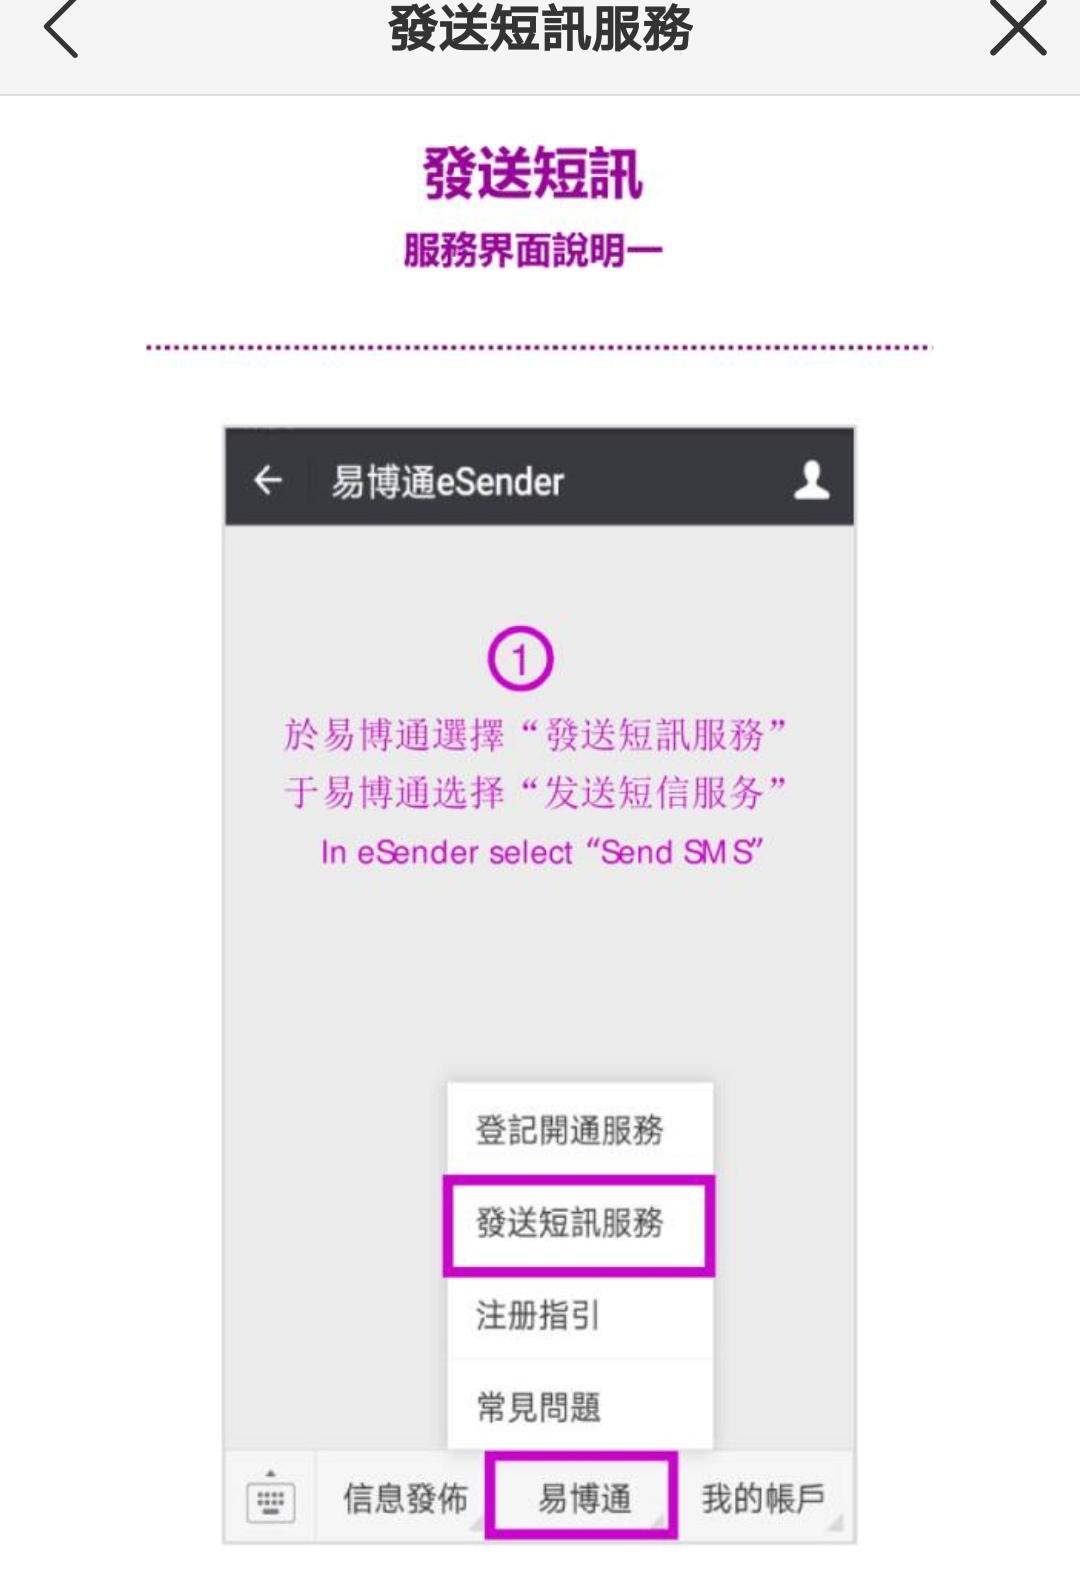 中国虚拟手机号码收发短信